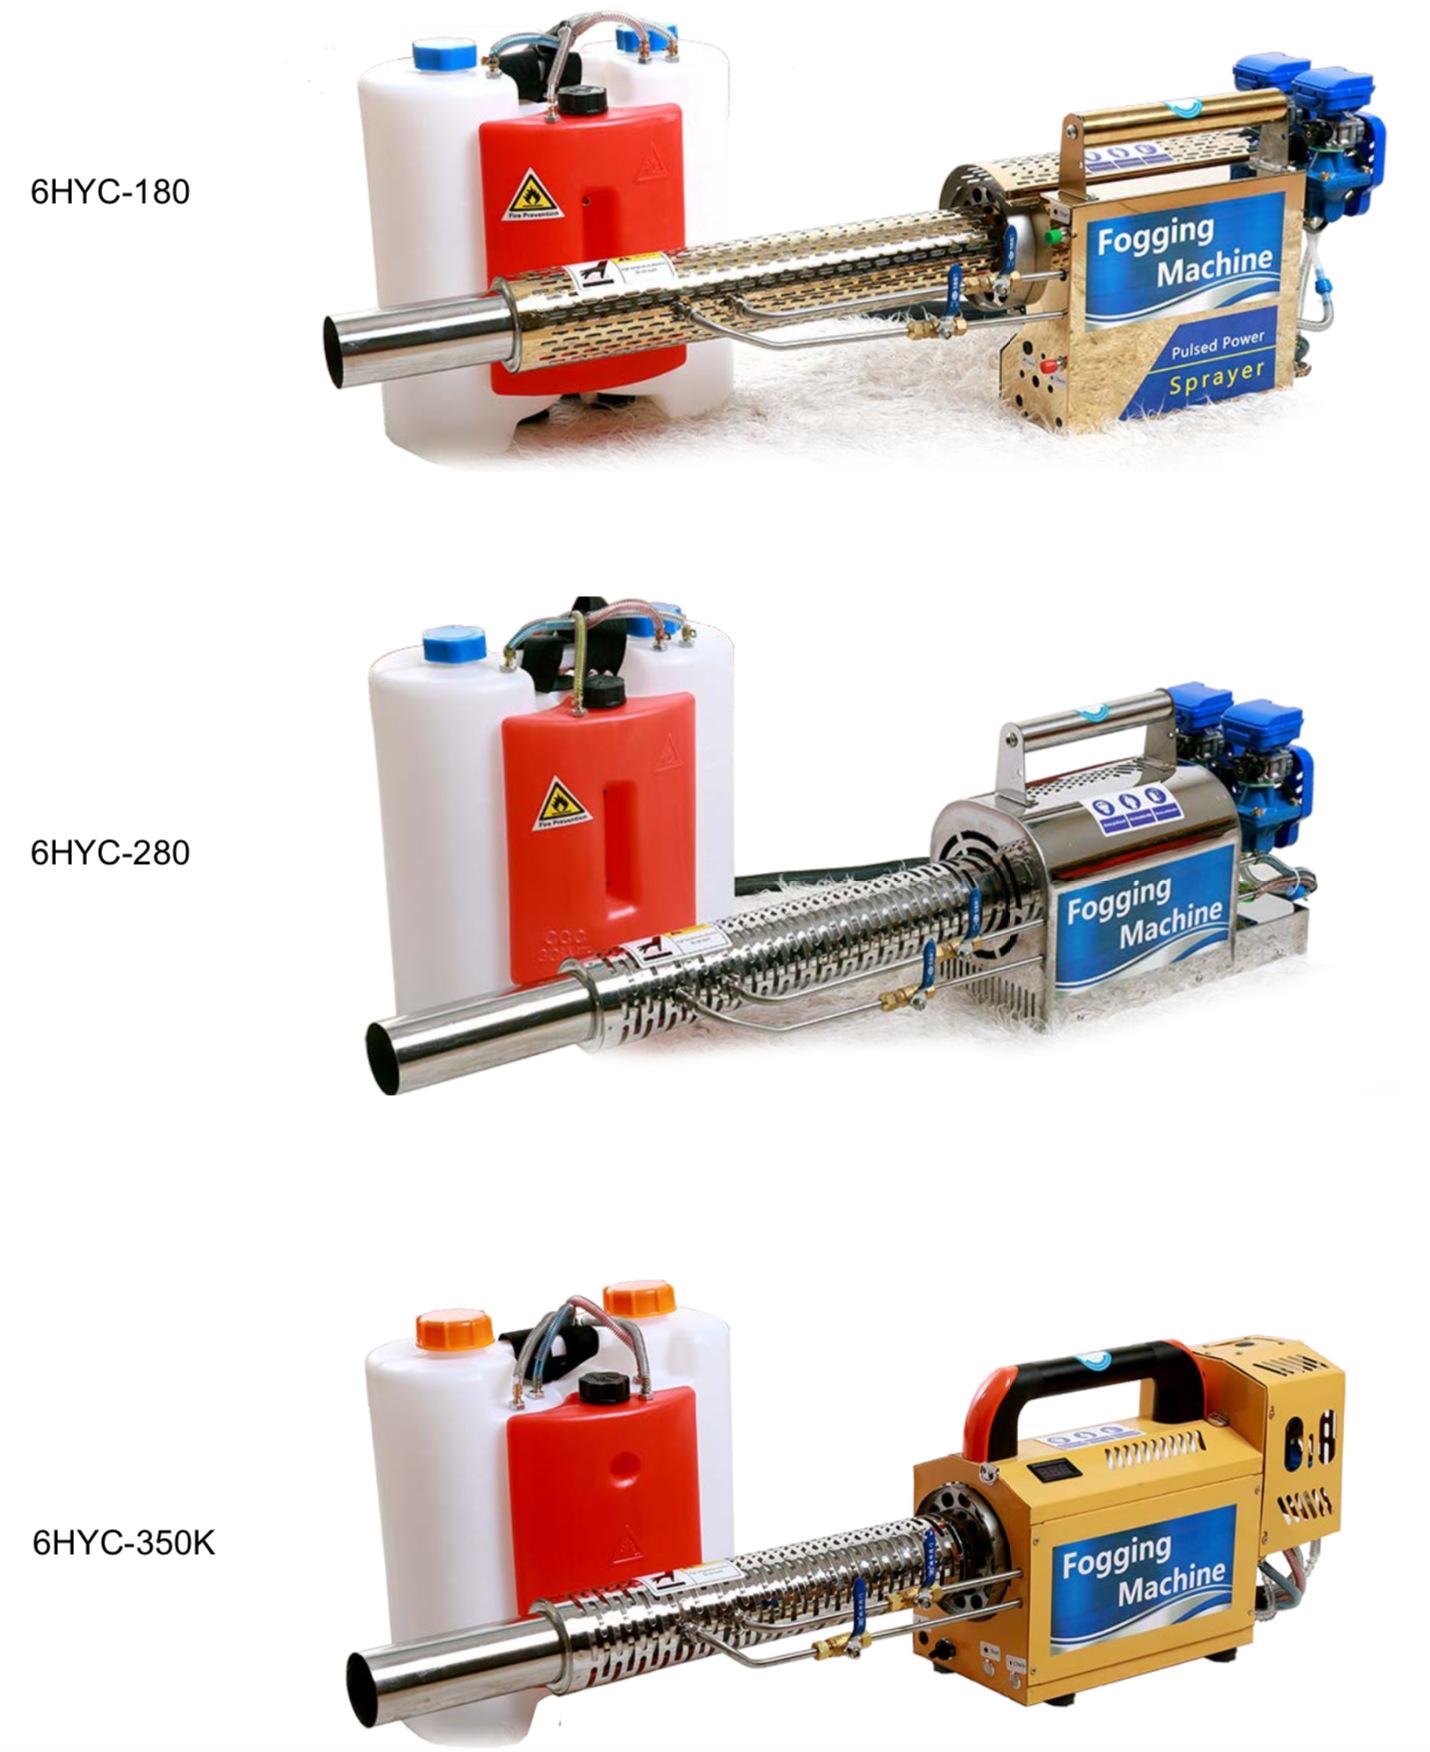 弥雾机 - 电动喷雾消毒机